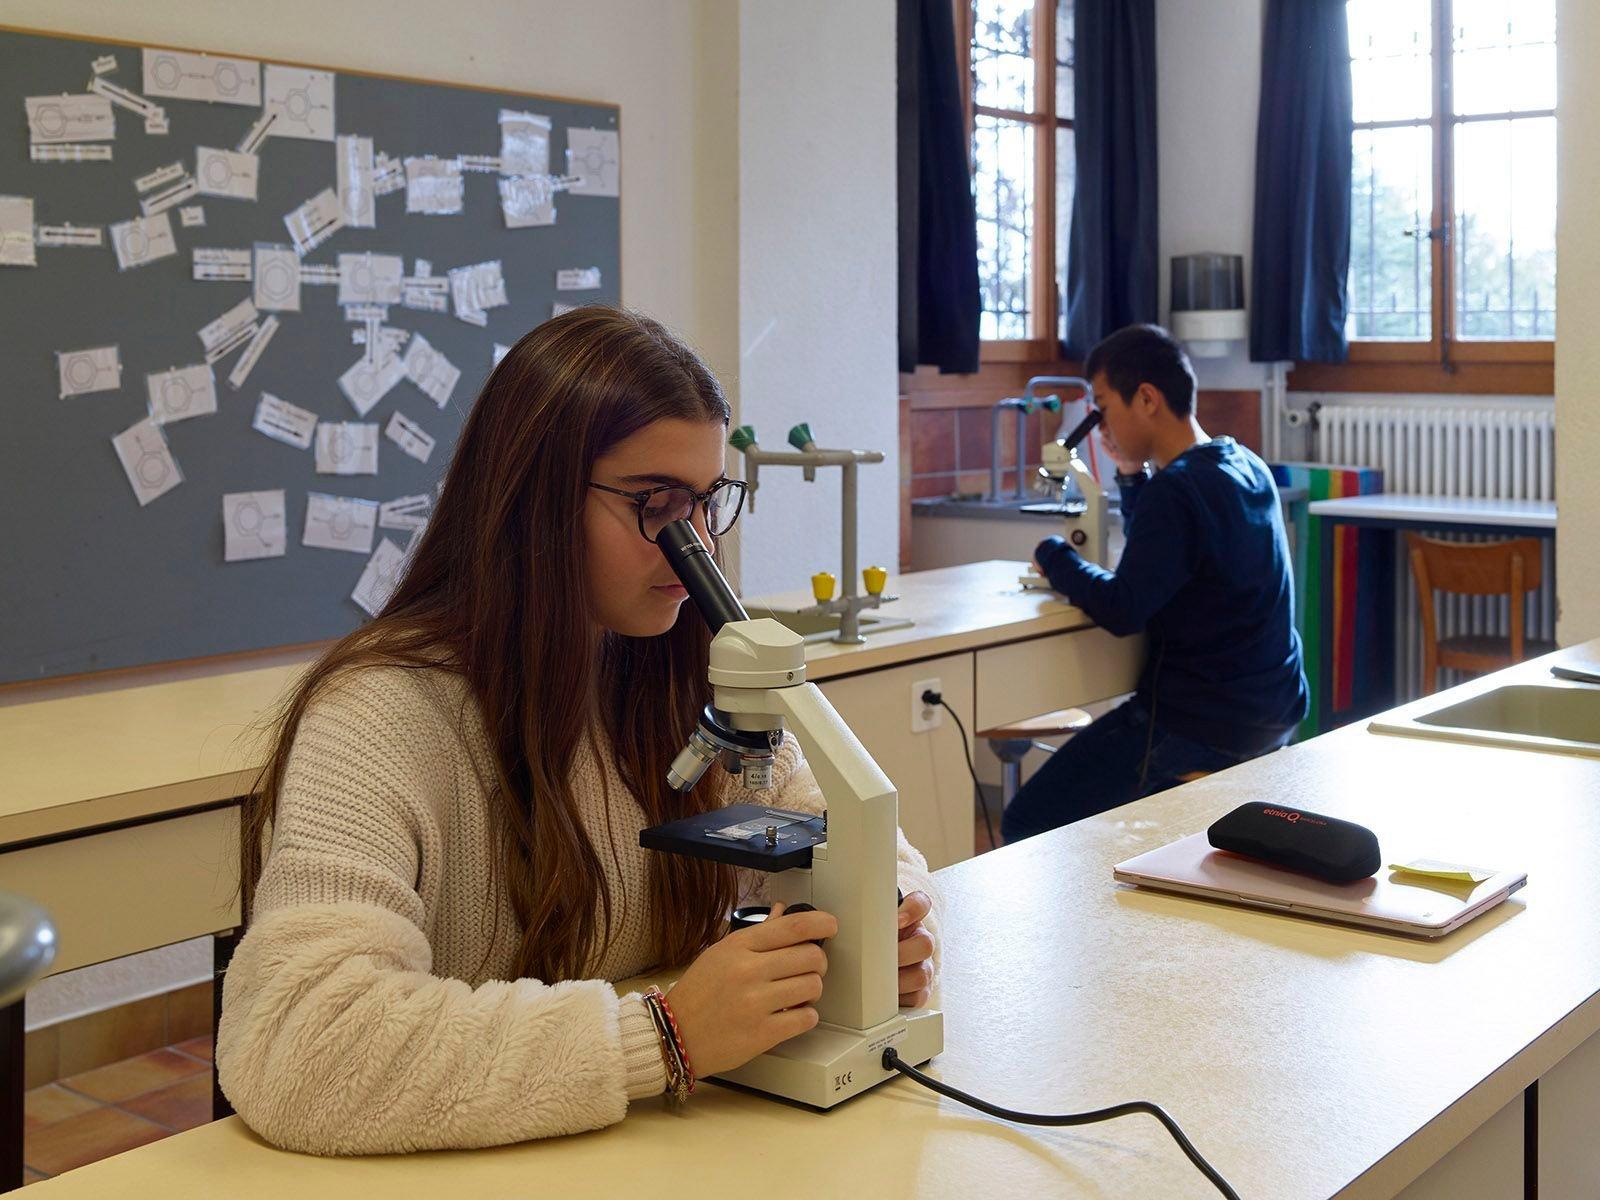 Learning at Swiss boarding school